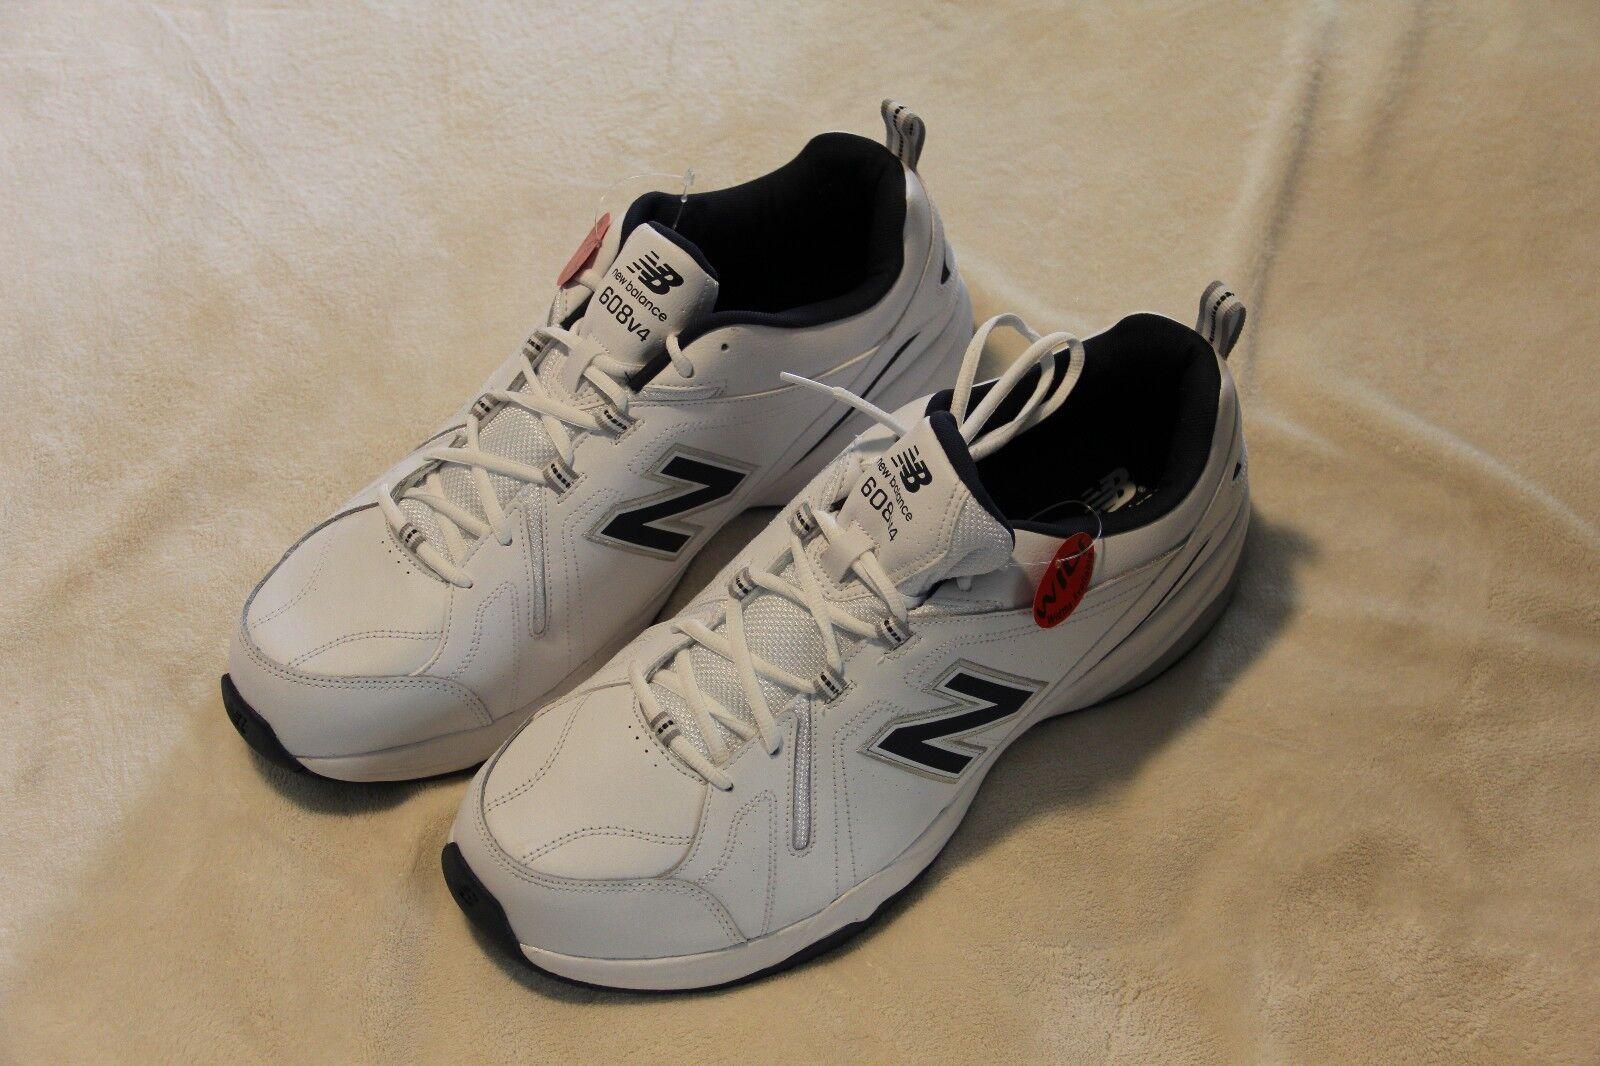 Nuovo equilibrio degli uomini crosstrainer 608v4 crosstrainer uomini scarpe nb dimensioni 16 ampia 883505